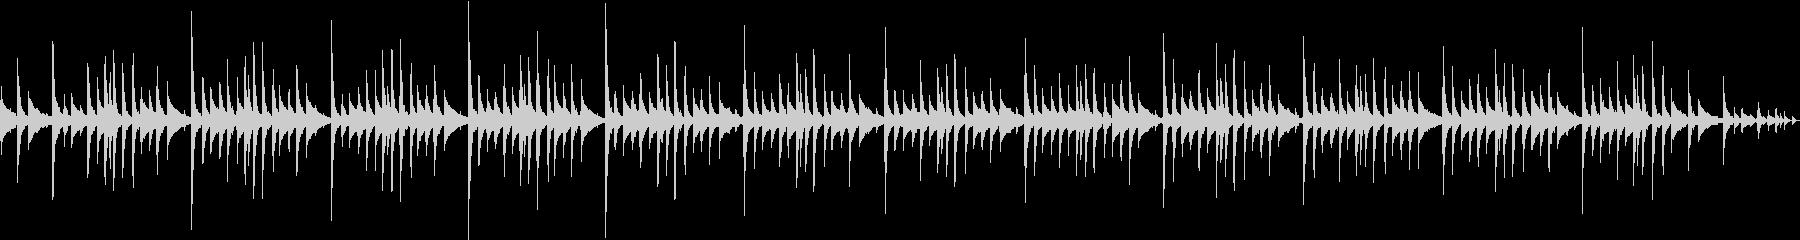 ストリートミュージシャン:EXT:...の未再生の波形